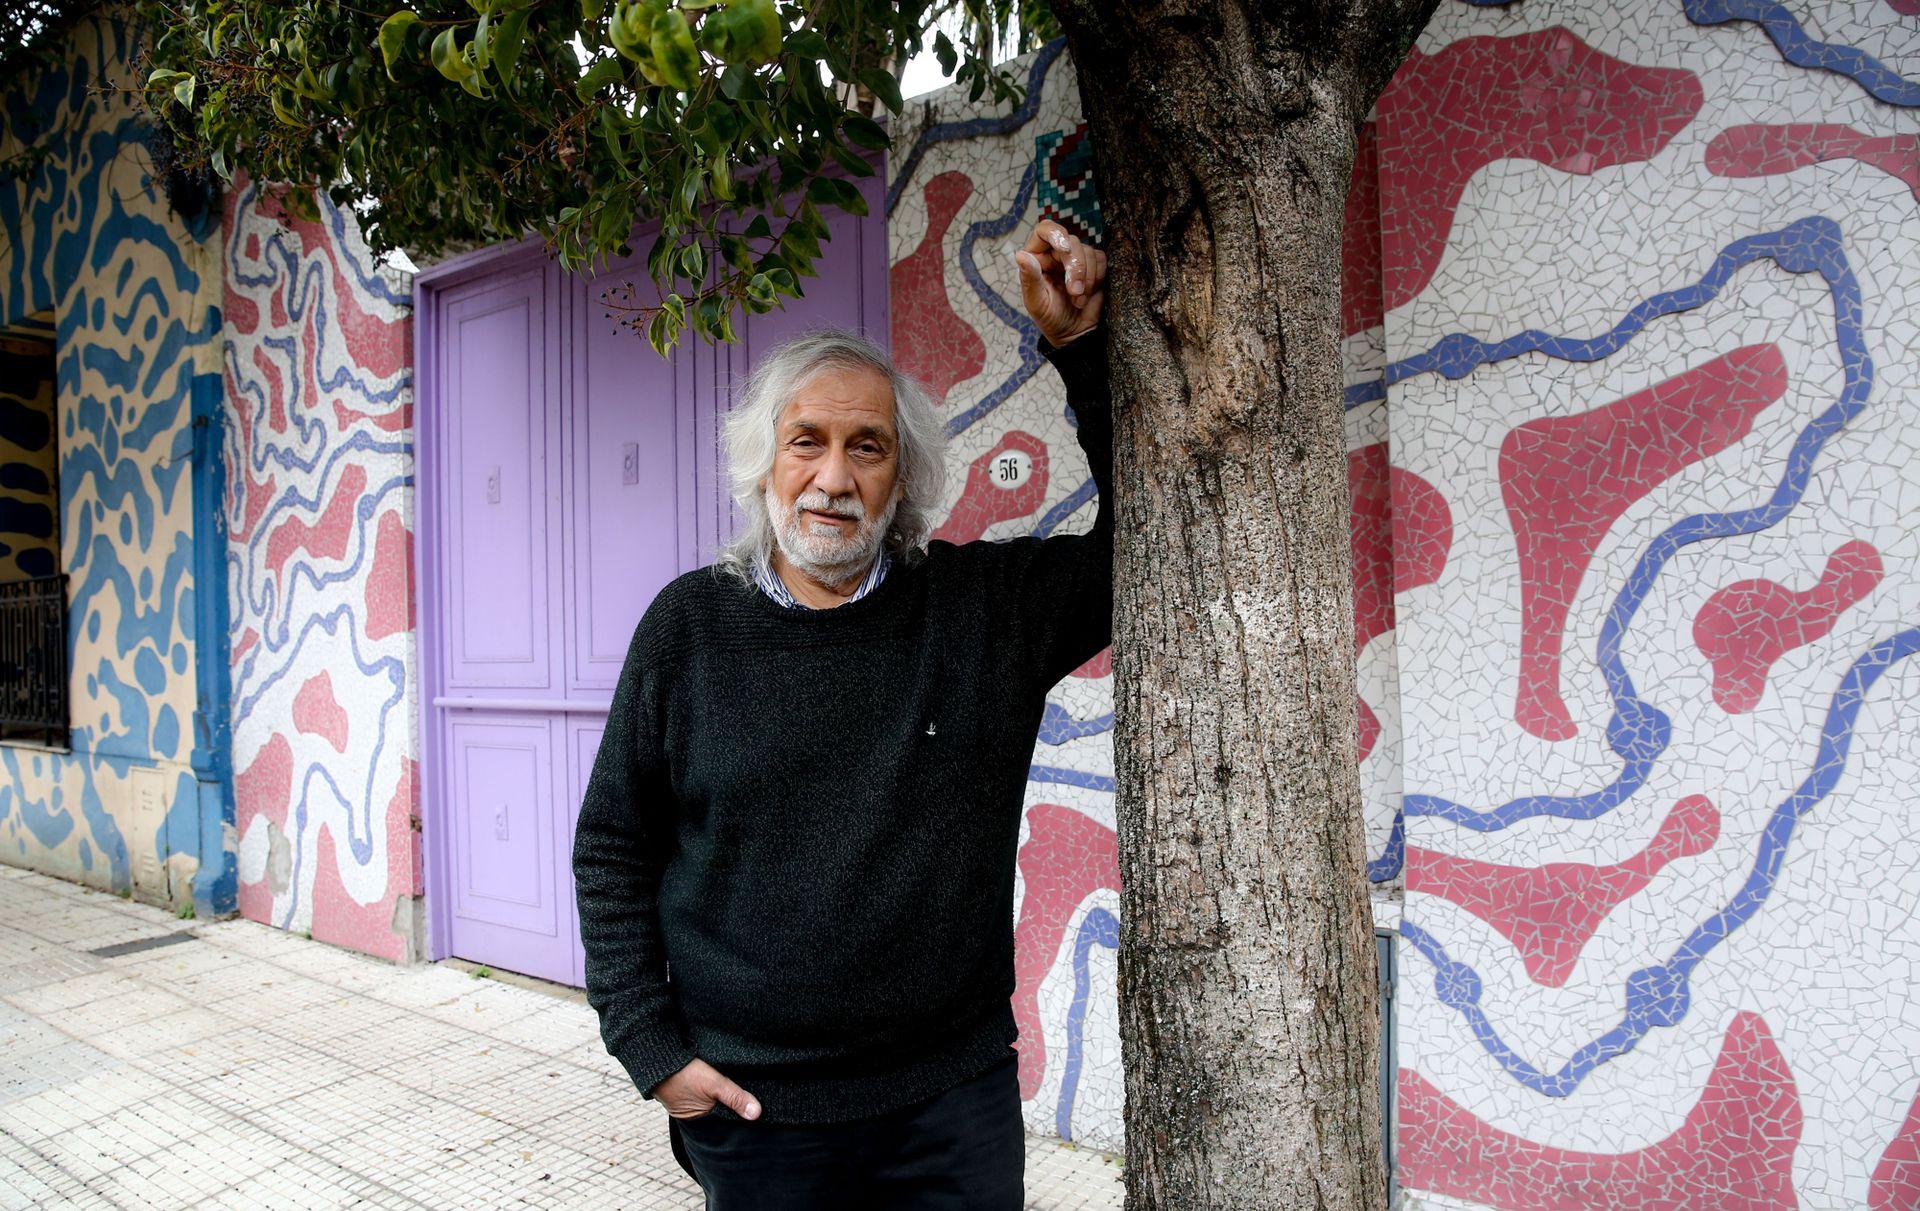 Con colores y mosaicos, Marino Santa María transformó el pasaje Lanín, en Barracas